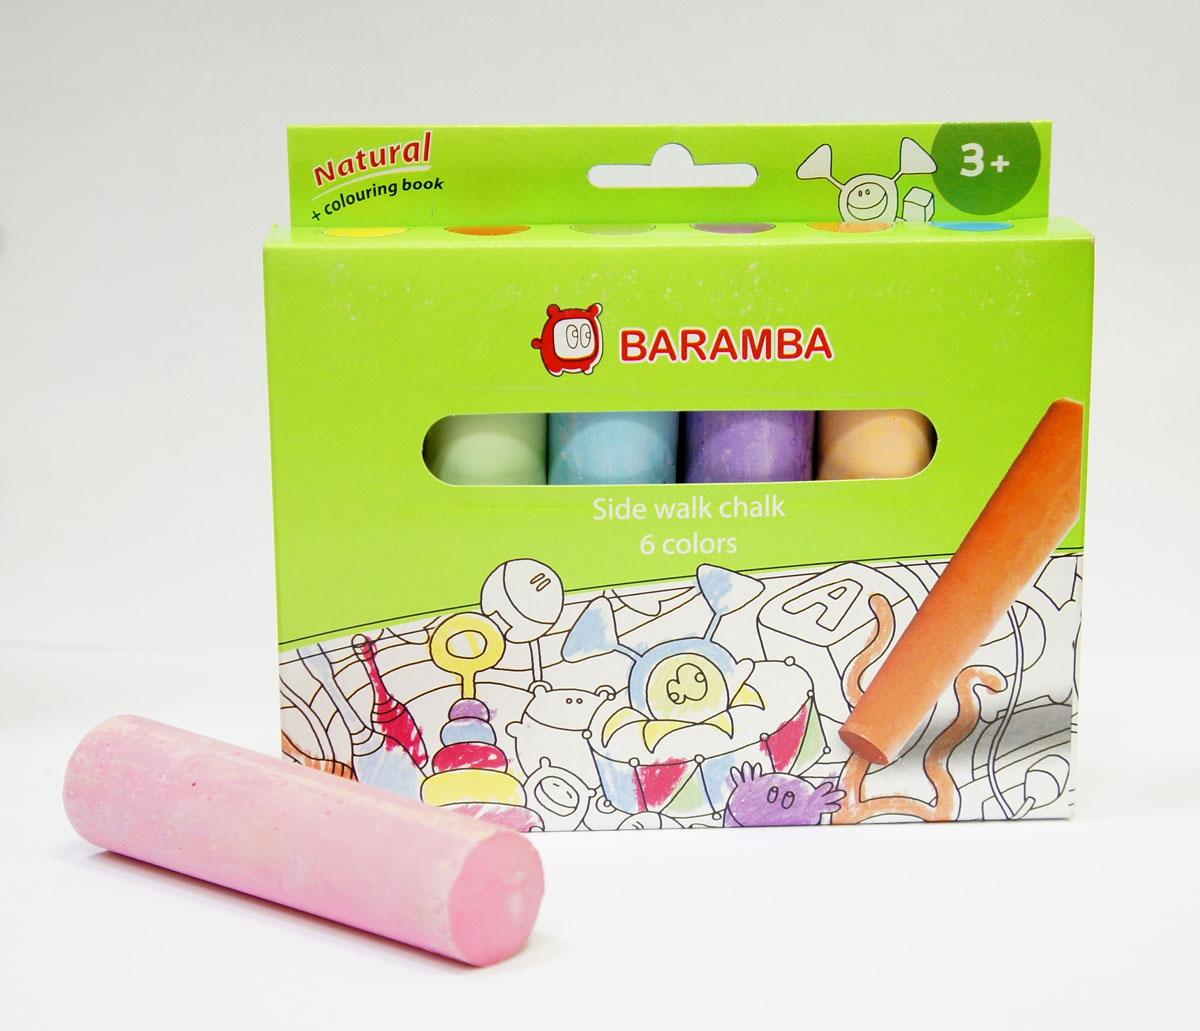 Мел для асфальта Baramba, 6 цветовPHN-36Мел для асфальта Baramba включает в себя 6 мелков ярких цветов. Мелки предназначены для рисования на асфальте. Благодаря крупному размеру и форме, мелки удобно держать в руке. Мел удобен в использовании, не крошится, не царапает доску, не пачкает руки.Рисование разноцветными мелками способствует развитию творческих способностей малыша, воображения и мелкой моторики рук. Не рекомендуется детям до 3-х лет.